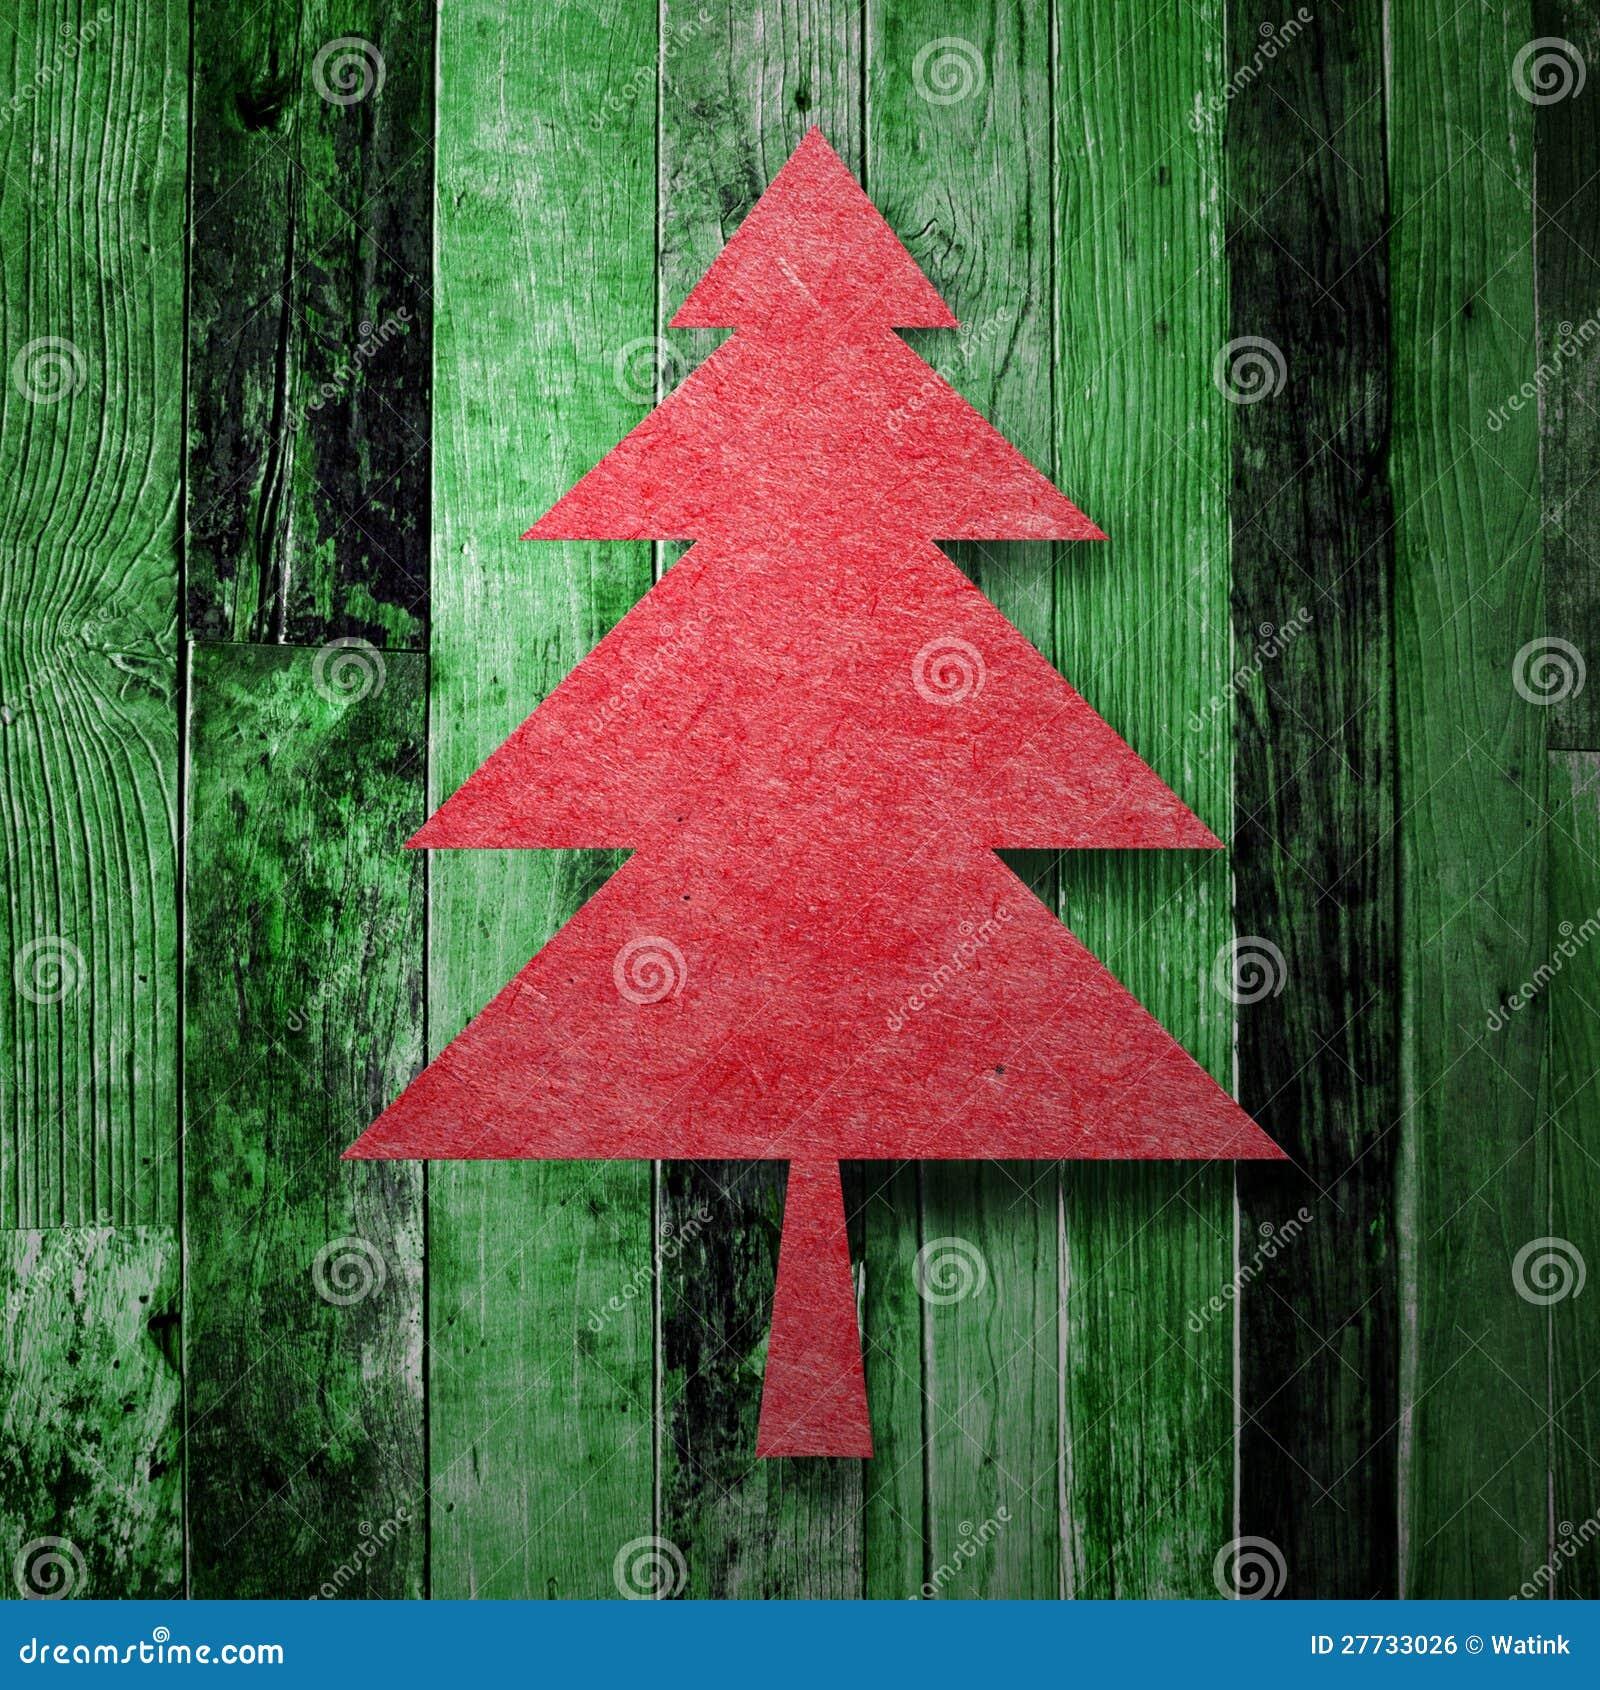 Roter Weihnachtsbaum auf grüner hölzerner Beschaffenheit